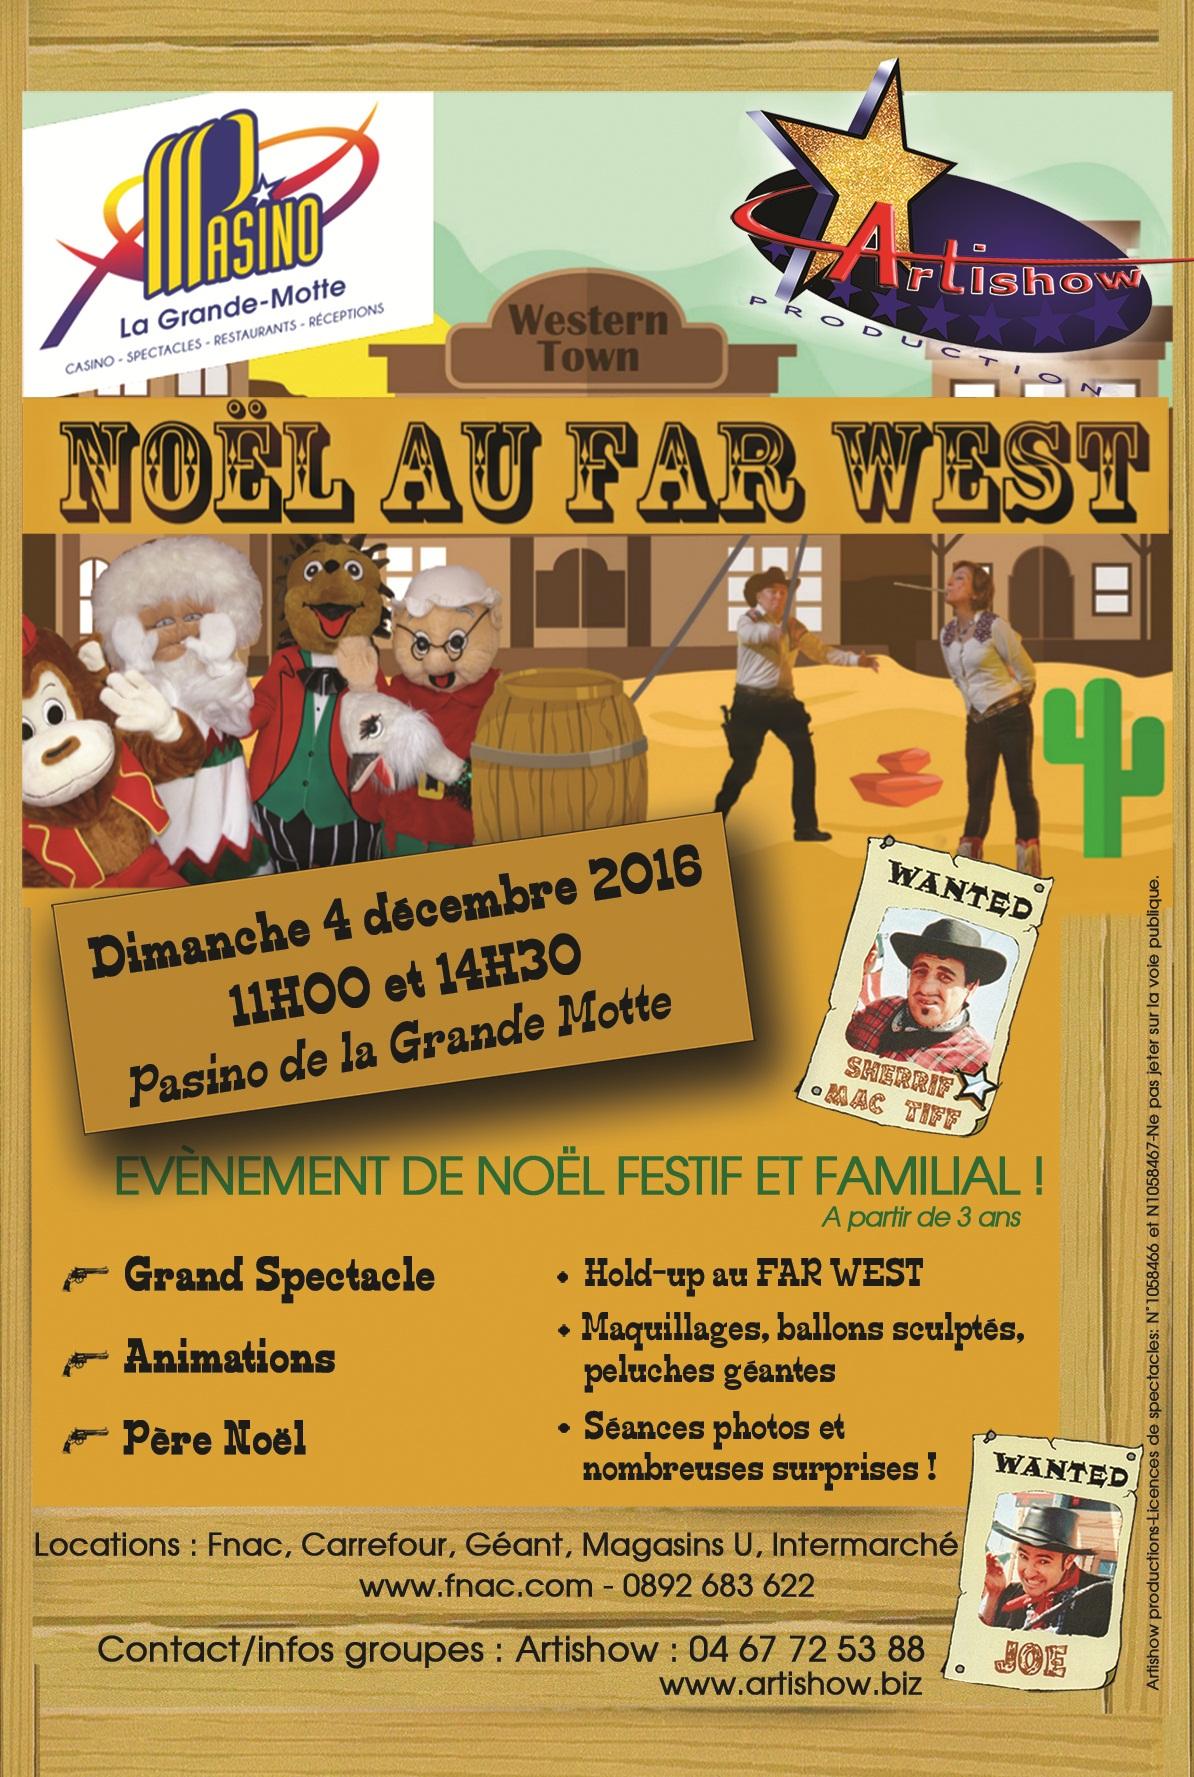 Noël au Far West' spectacle familial au Pasino de la Grande Motte